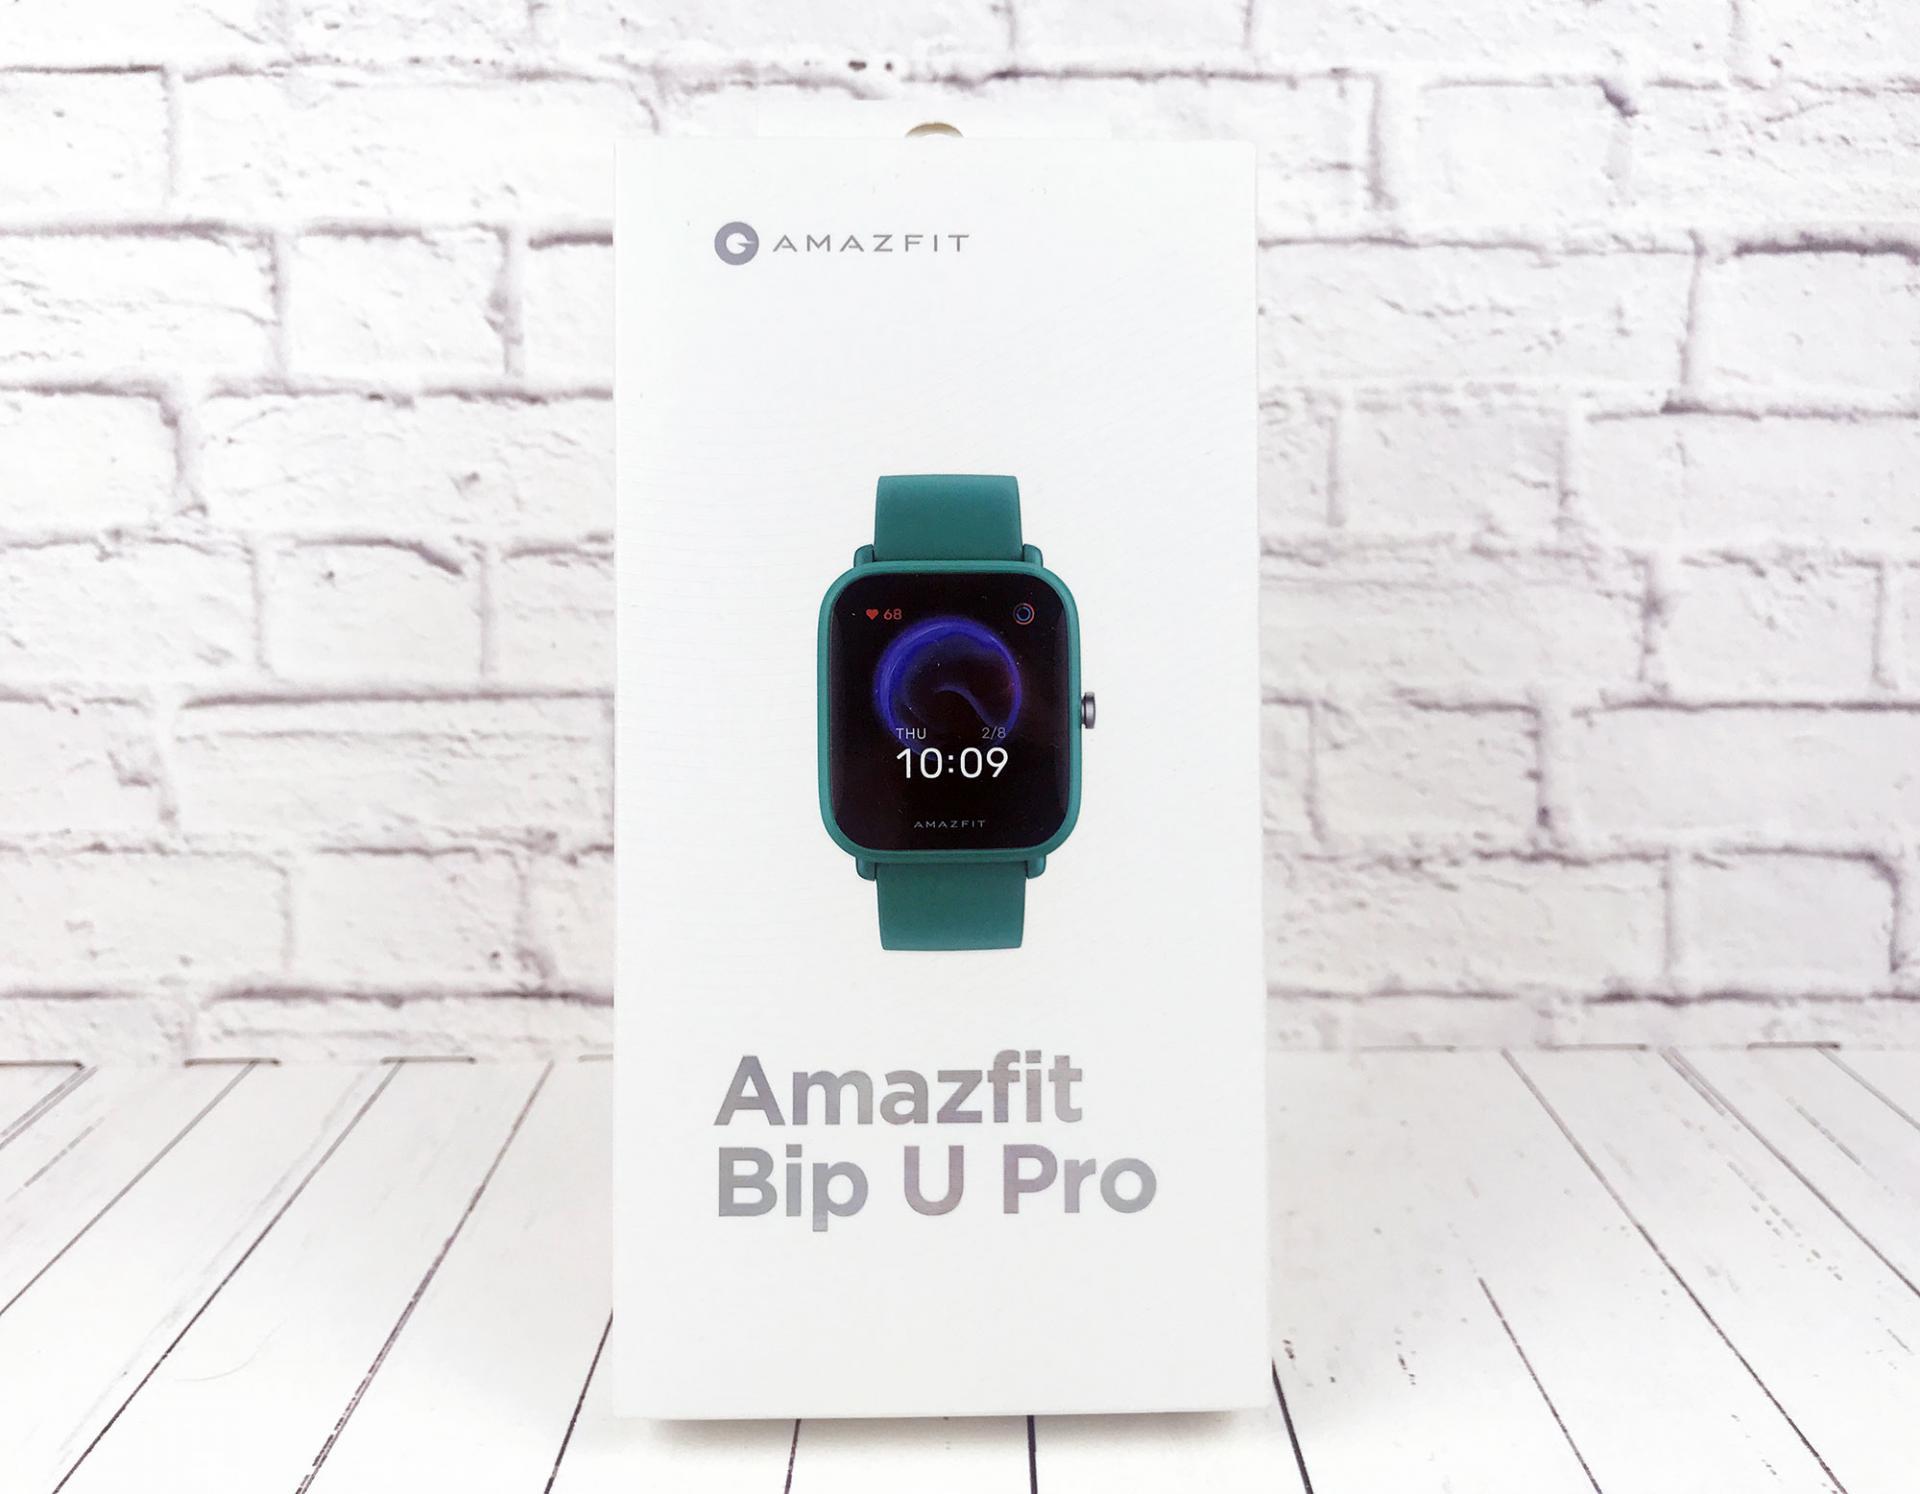 Обзор умных часов Amazfit Bip UPro